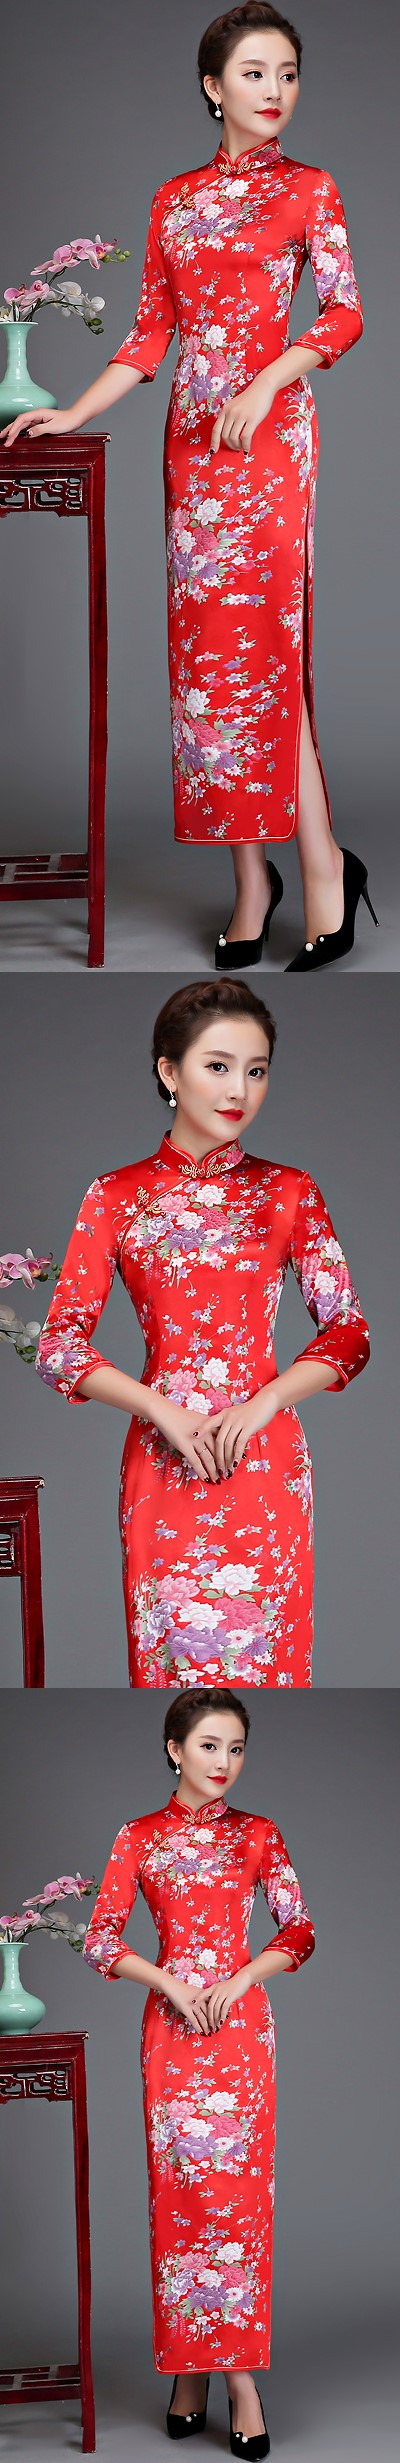 7分袖長身旗袍 (成衣)